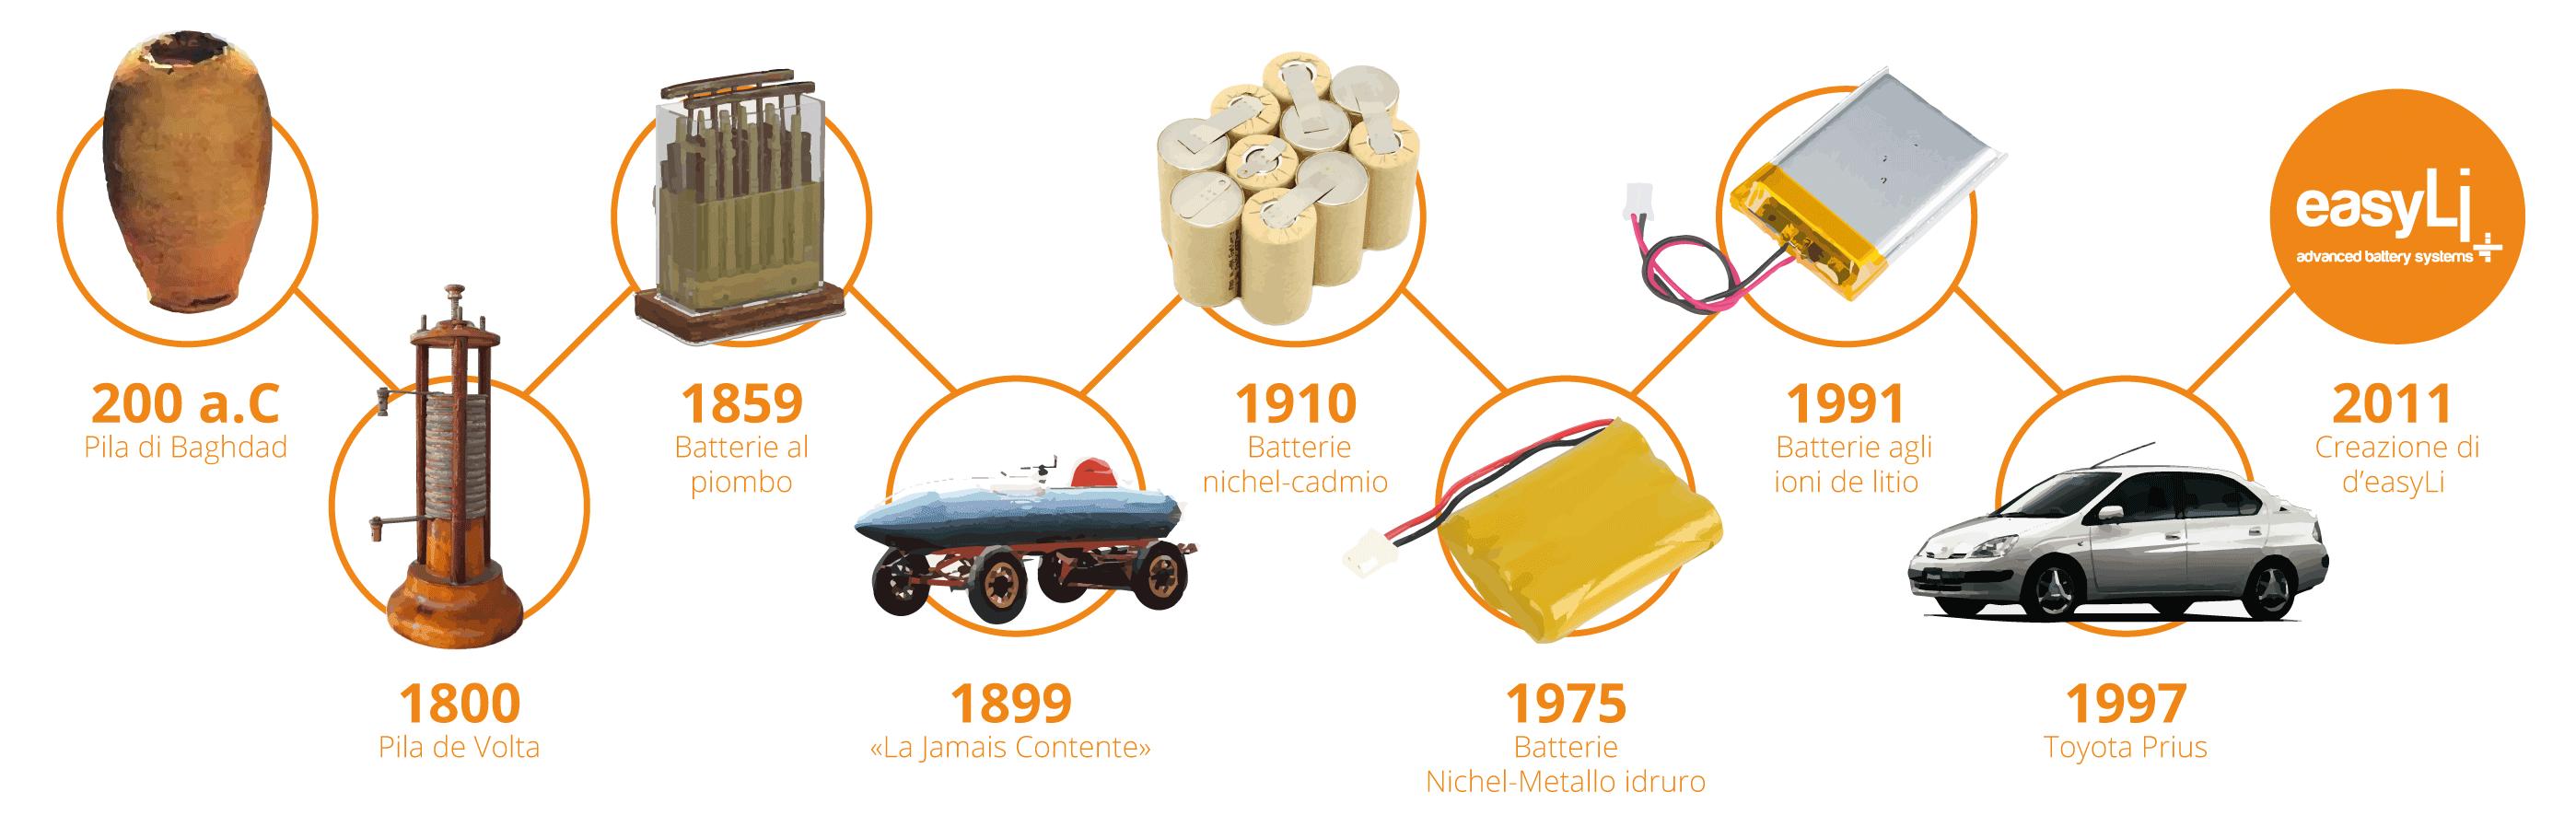 cronologia dell'evoluzione dell'utilizzo delle batterie